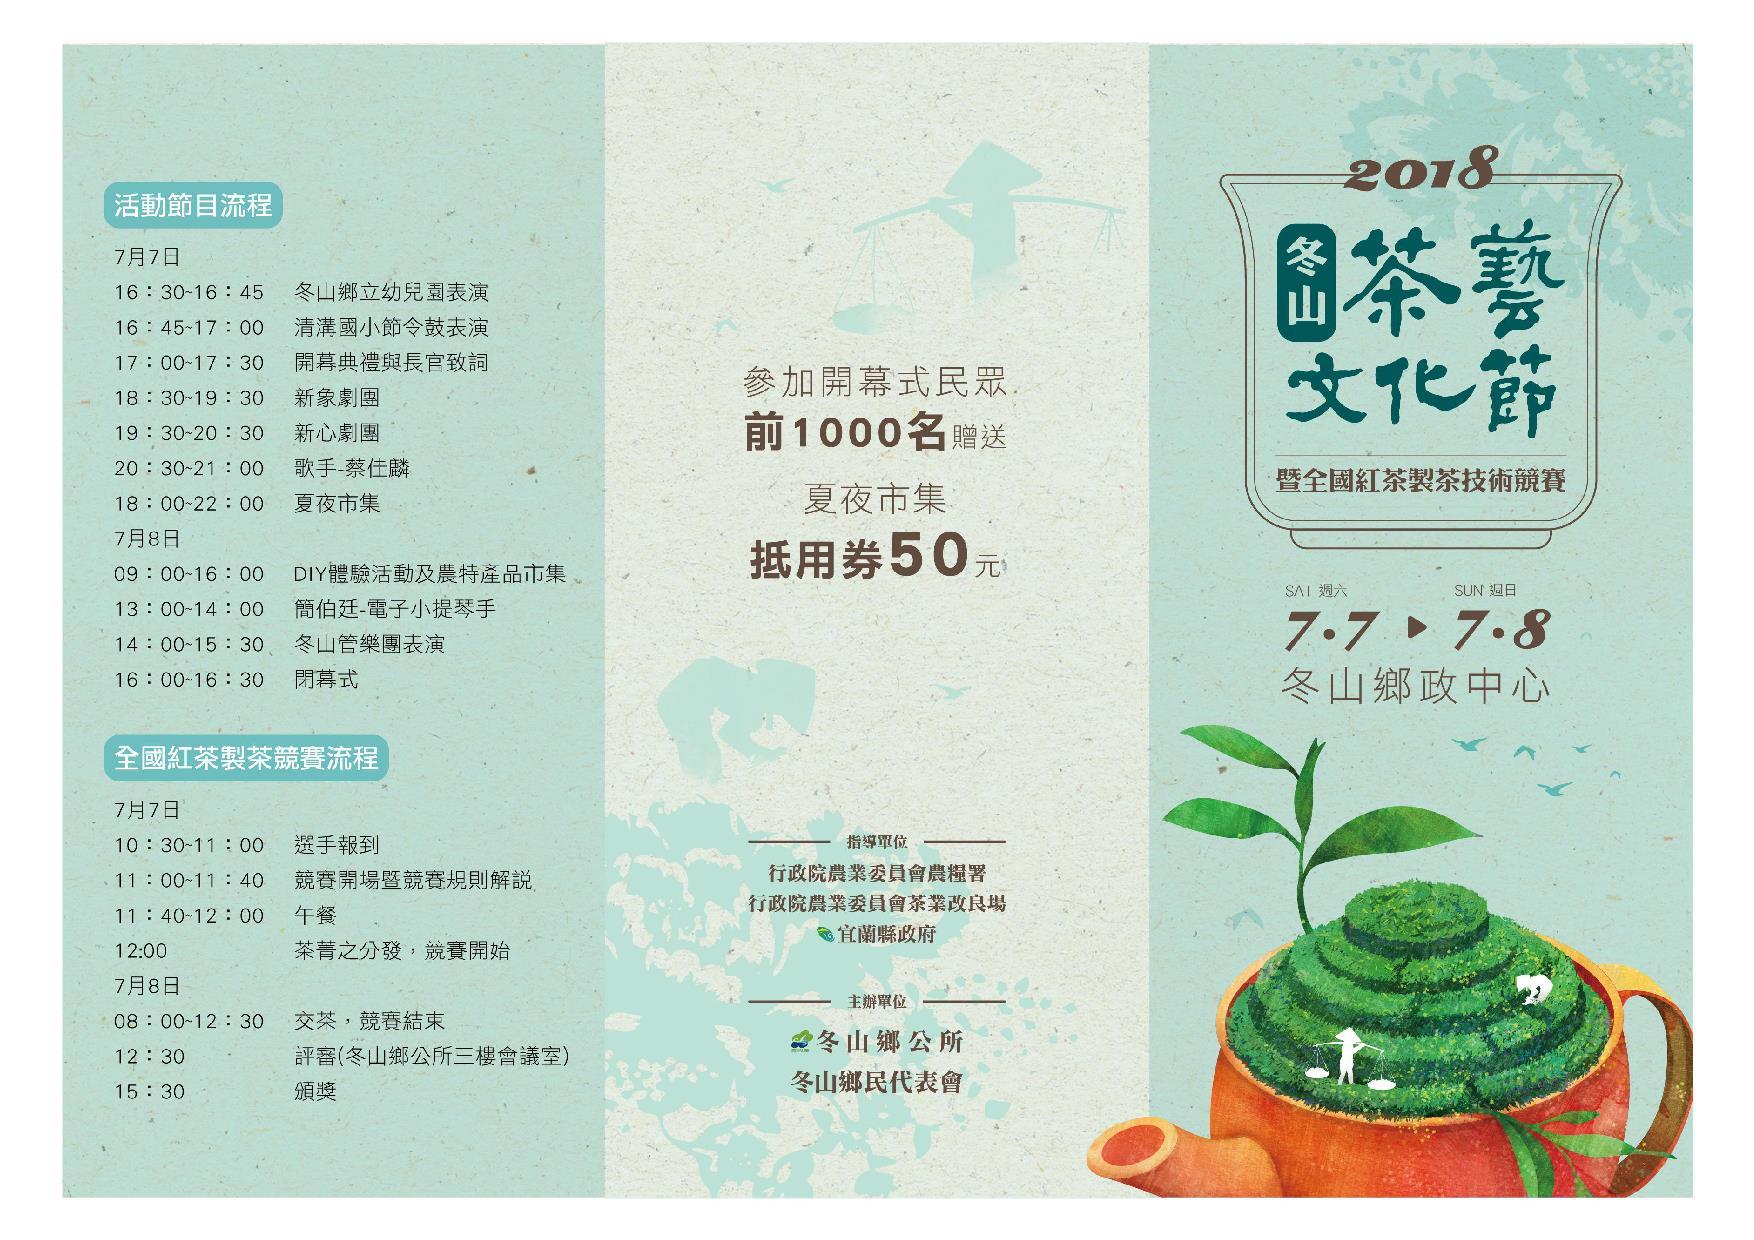 「2018茶藝文化節暨全國紅茶(小葉種)製茶技術競賽」活動資料